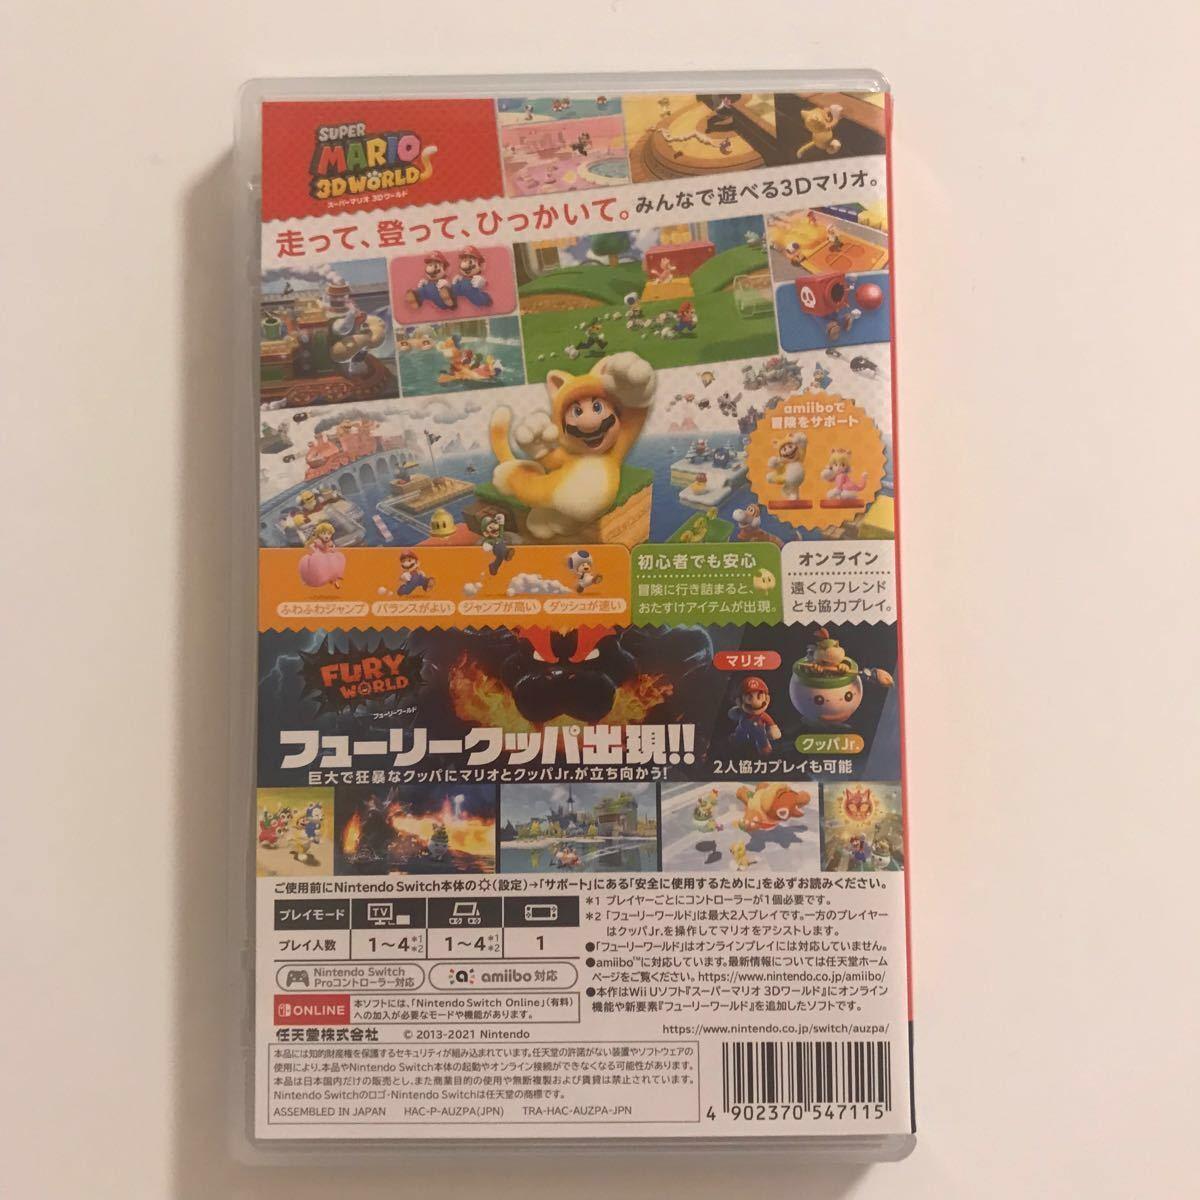 【Switch】 スーパーマリオ 3Dワールド+フューリーワールド デラックス スーパーマリオブラザーズ 2本セット